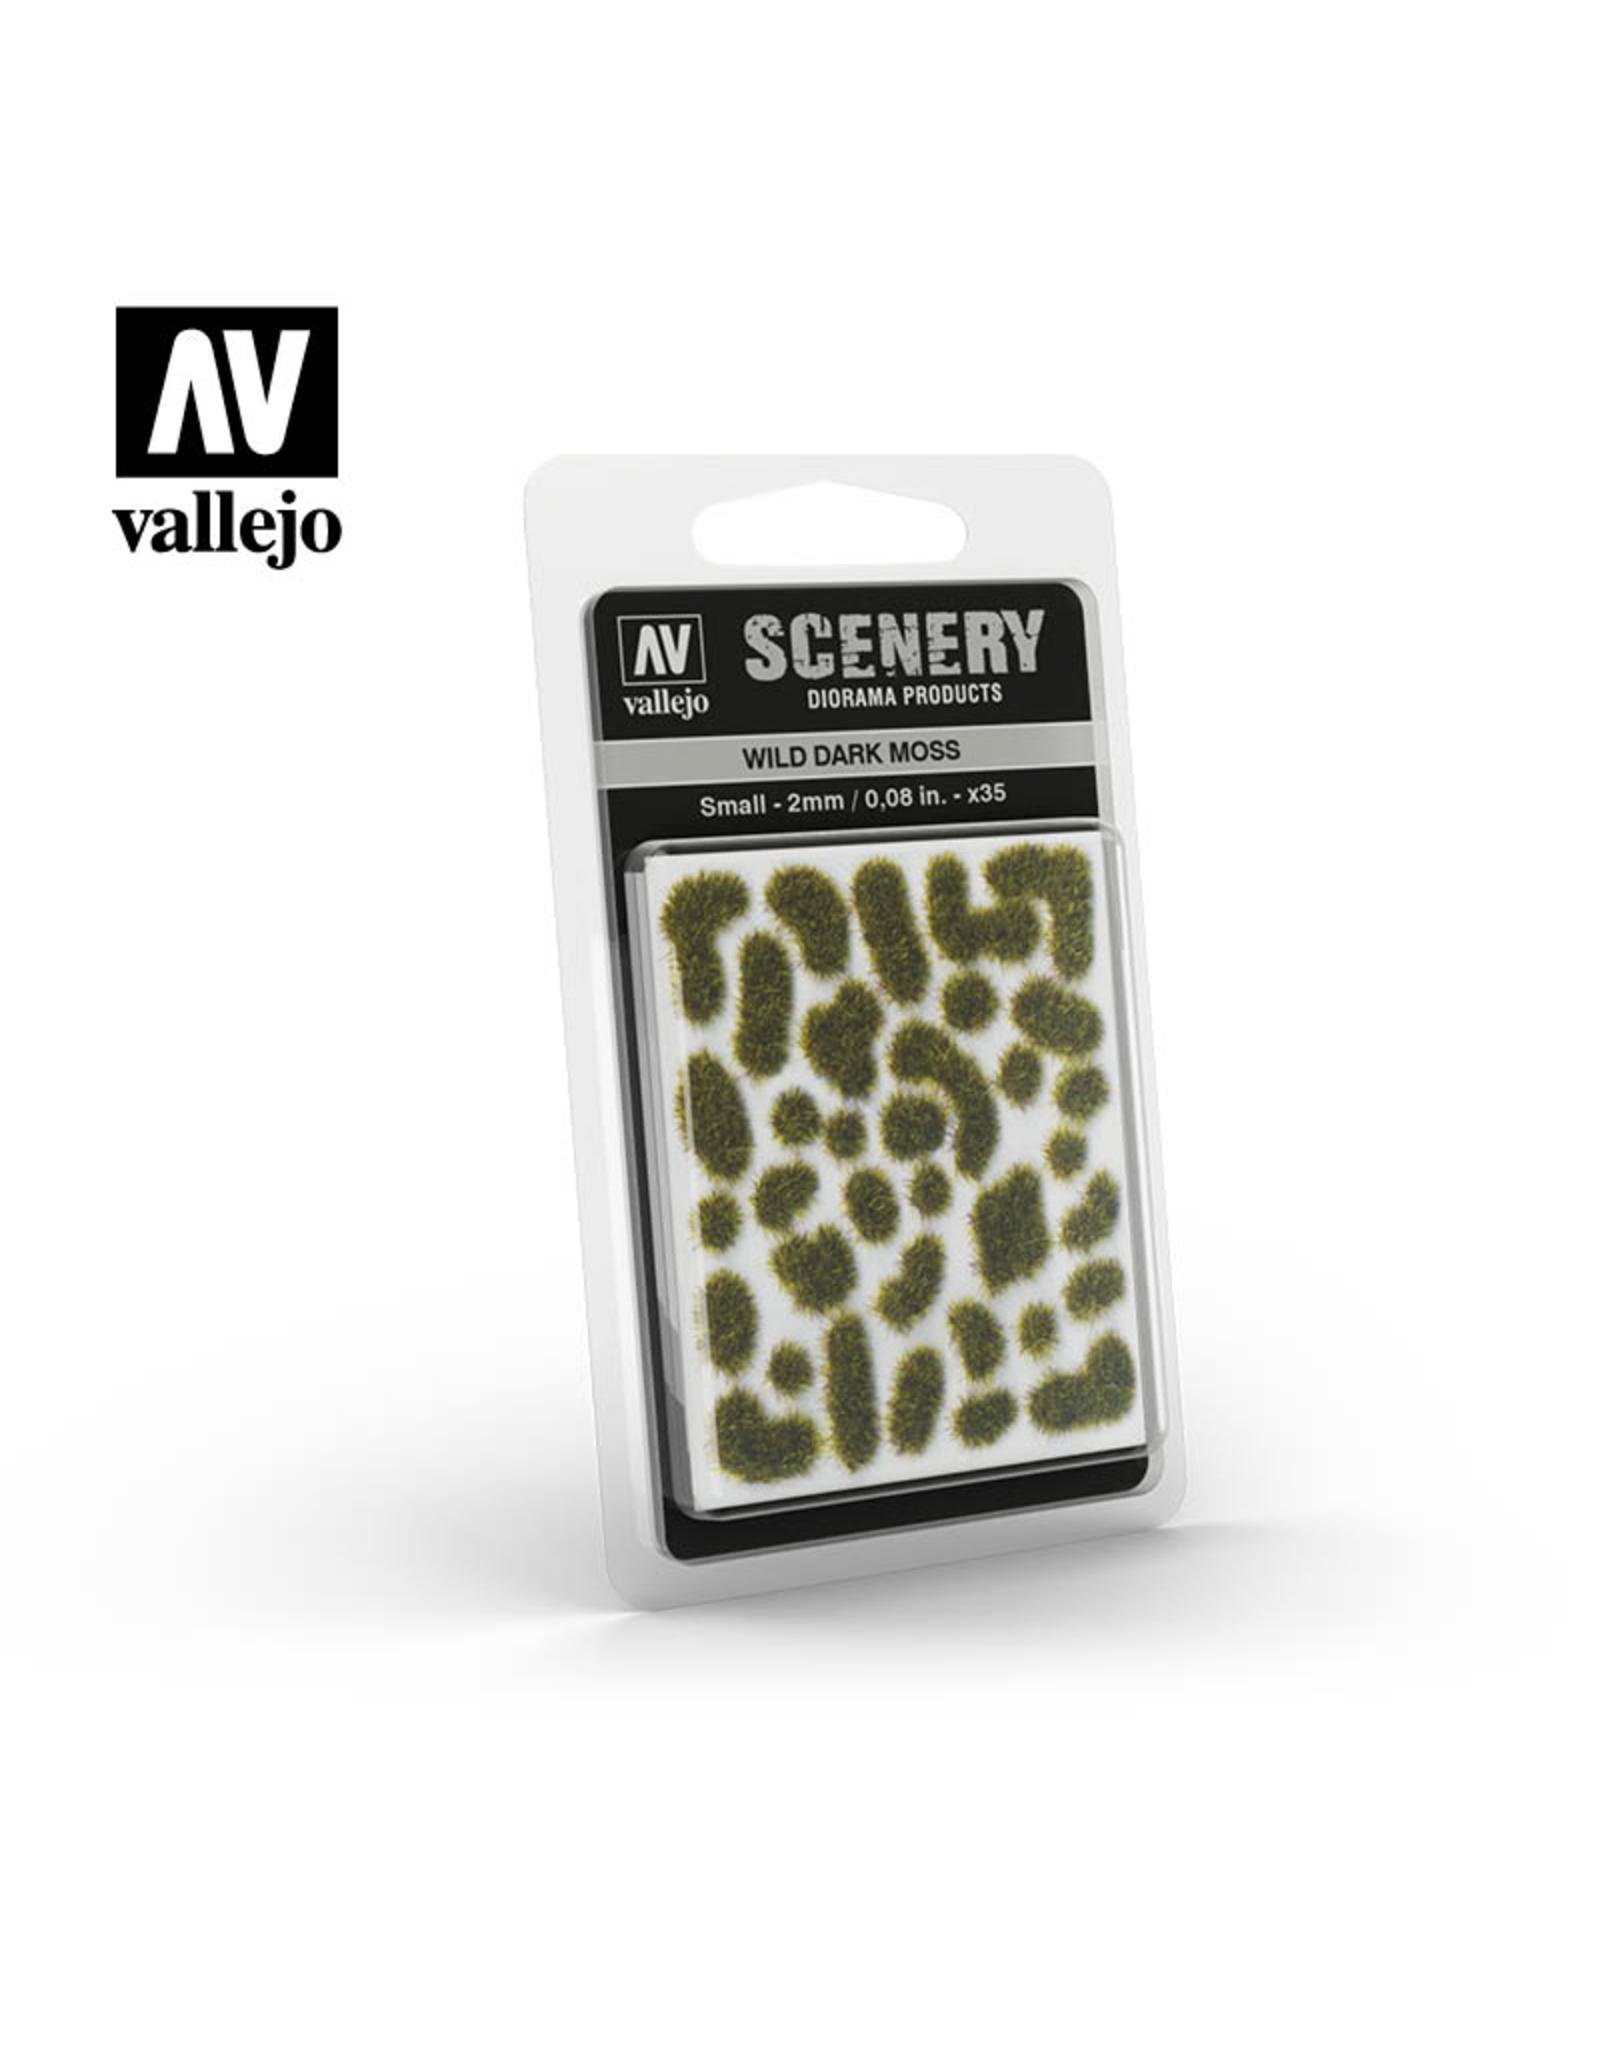 Vallejo Wild dark moss (2mm)